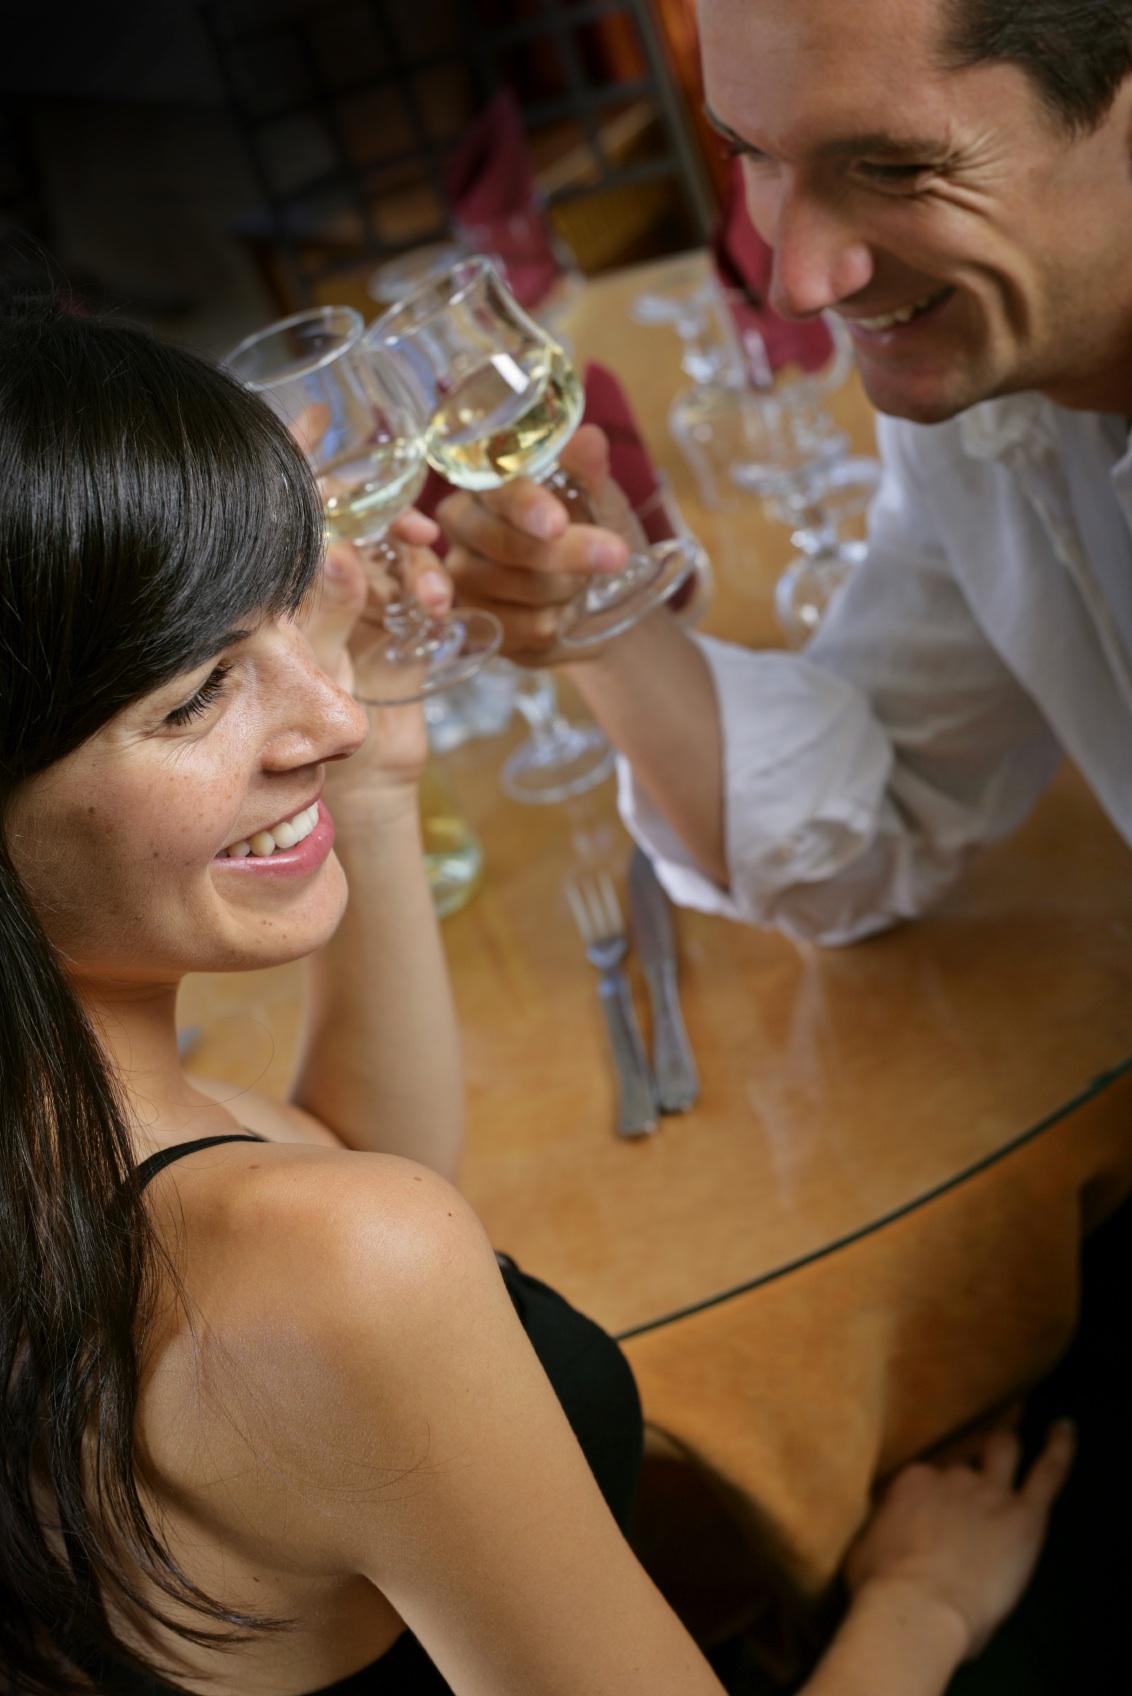 Частные вечеринки знакомств 11 фотография